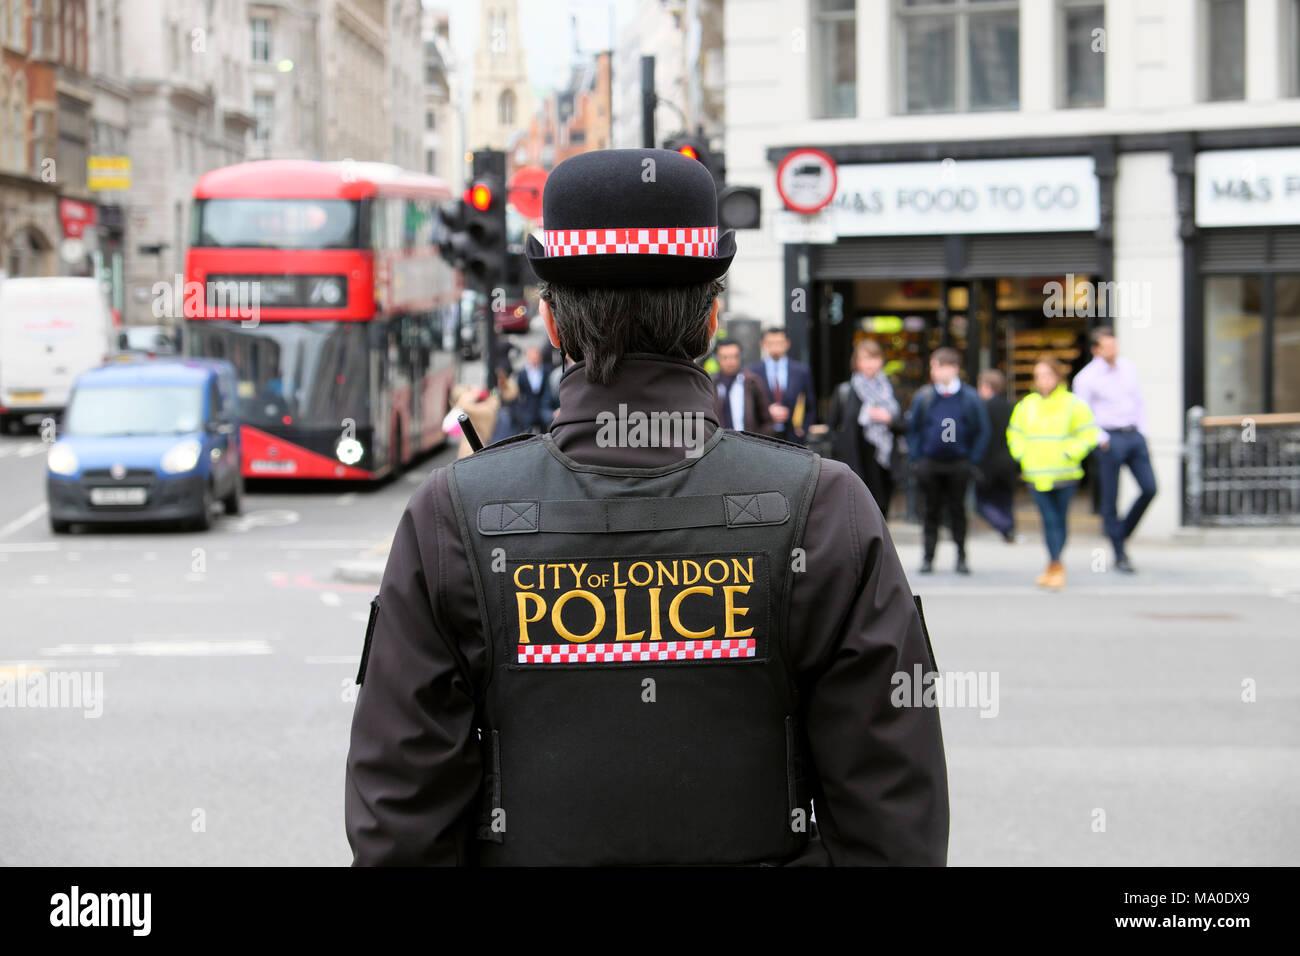 Logotipo de la policía de la ciudad de Londres en la parte trasera de la chaqueta de uniforme de la mujer policía (policía mujer) en la calle Farringdon área céntrica de Londres, UK KATHY DEWITT Imagen De Stock